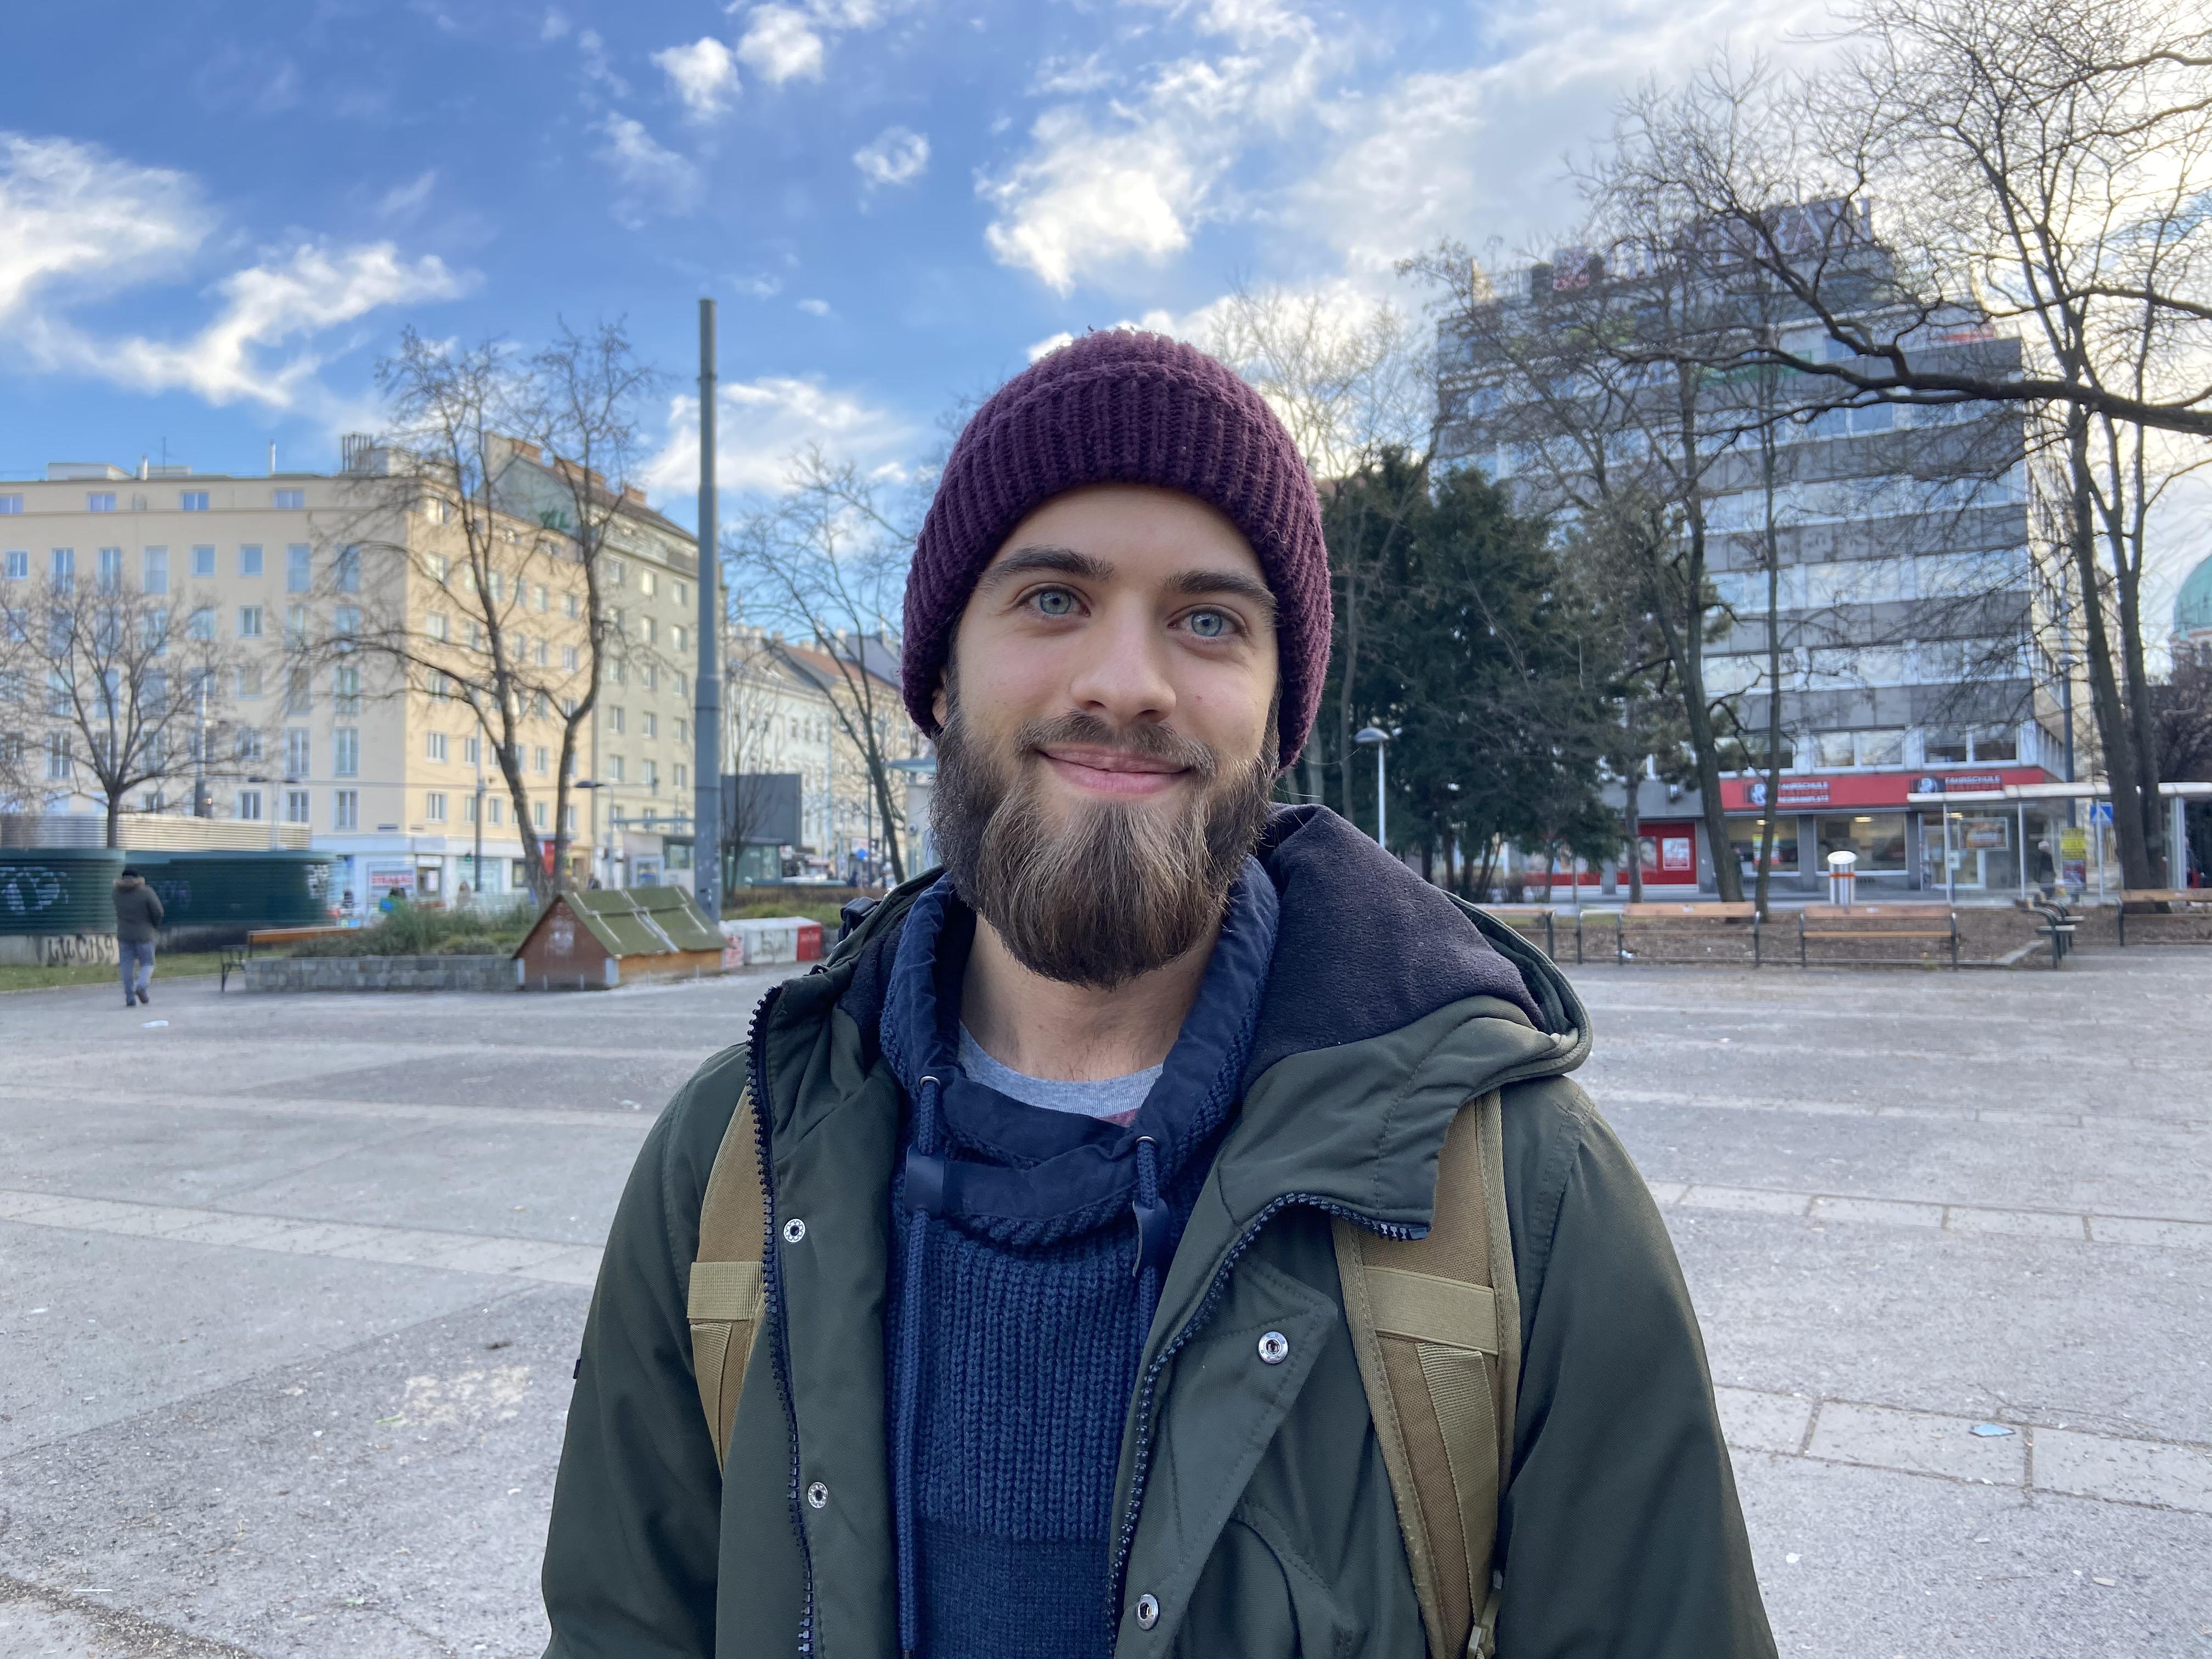 Straßenumfrage Zadic Bojan